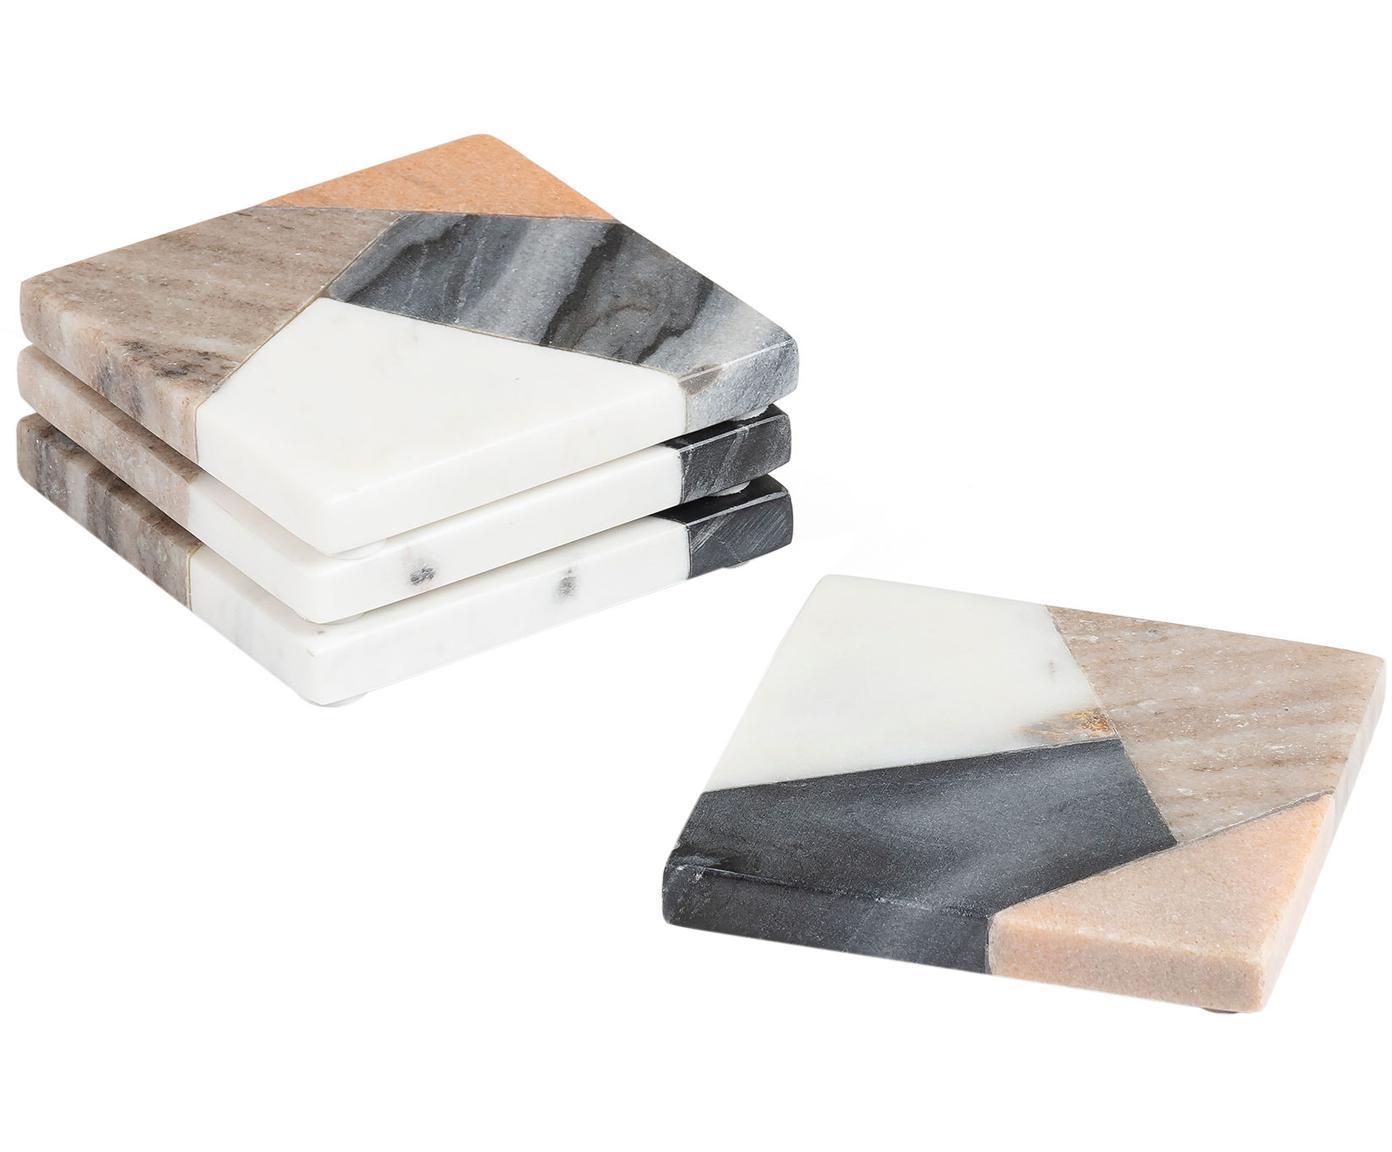 Podstawka z marmuru Bradney, 4 szt., Ceramika, marmur, Wielobarwny, S 10 x G 10 cm